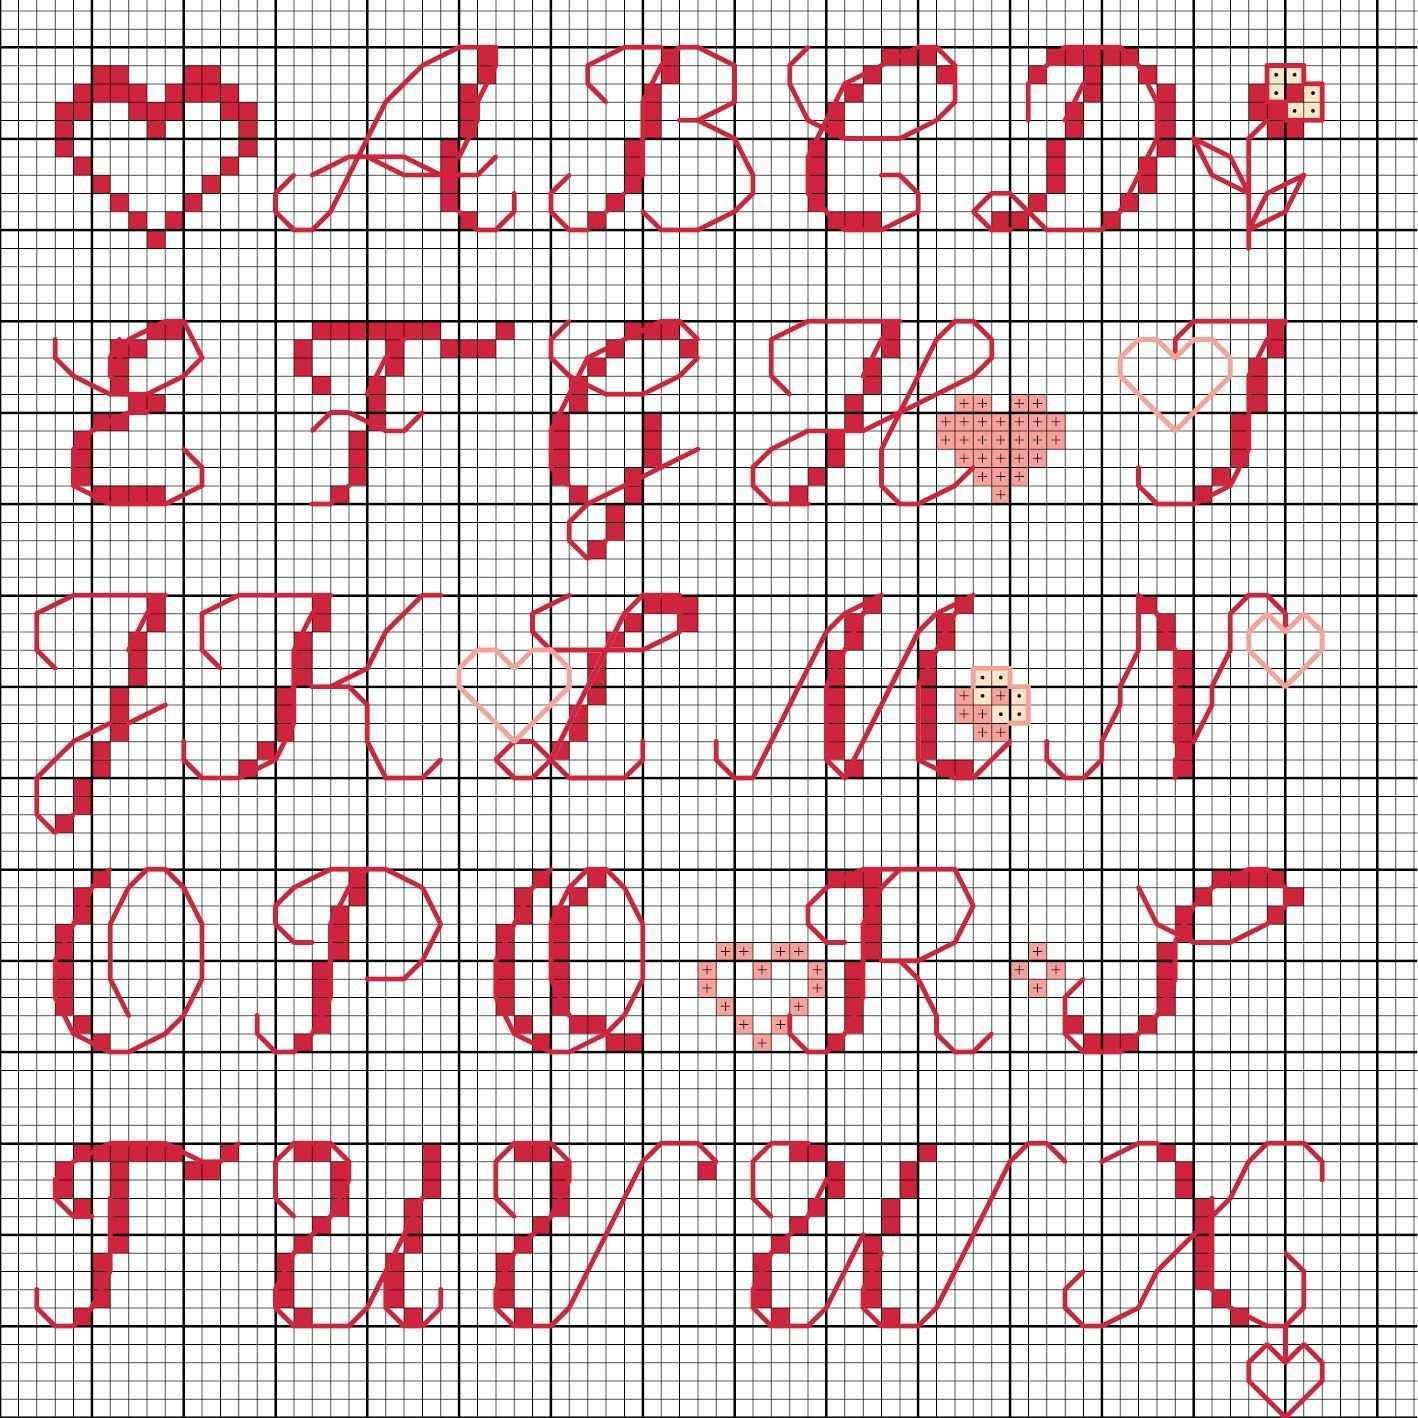 Alphabet Gmbh Herzen Mit Romantisches Sawitzki Sticken Zweigart Romantisches Alphabet Mit Herzen Sticken Entdecke H Alphabet Sticken Alphabet Sticken